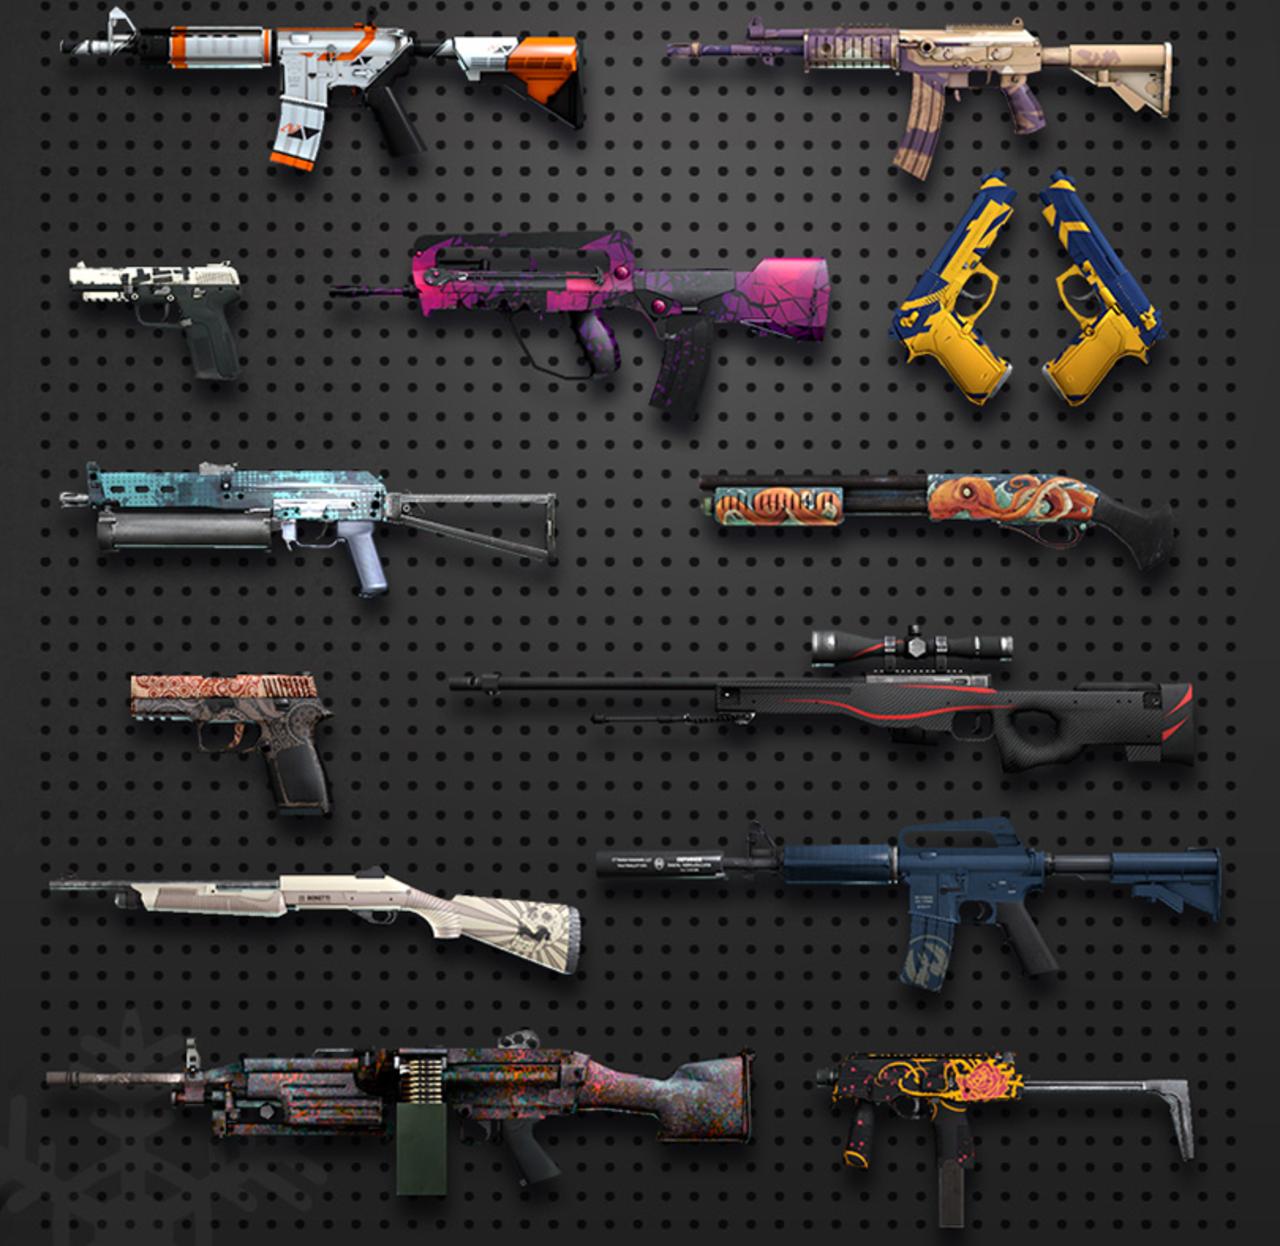 imagen de skins que contiene el interior de una de las tantas cajas que ofrece Counter-Strike: Global Offensive